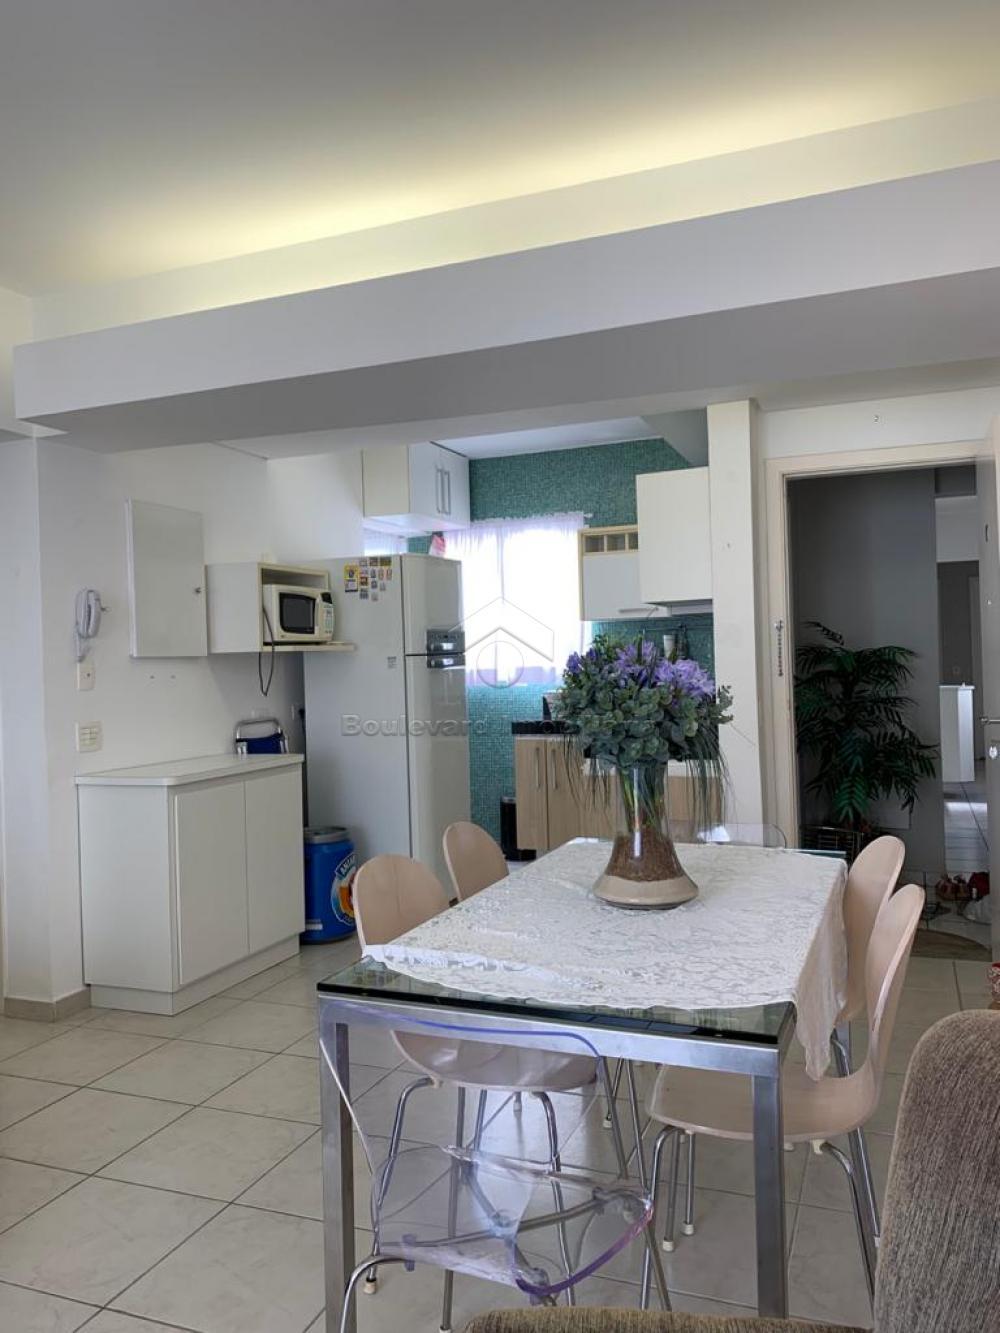 Alugar Apartamento / Padrão em Guarujá apenas R$ 2.300,00 - Foto 5